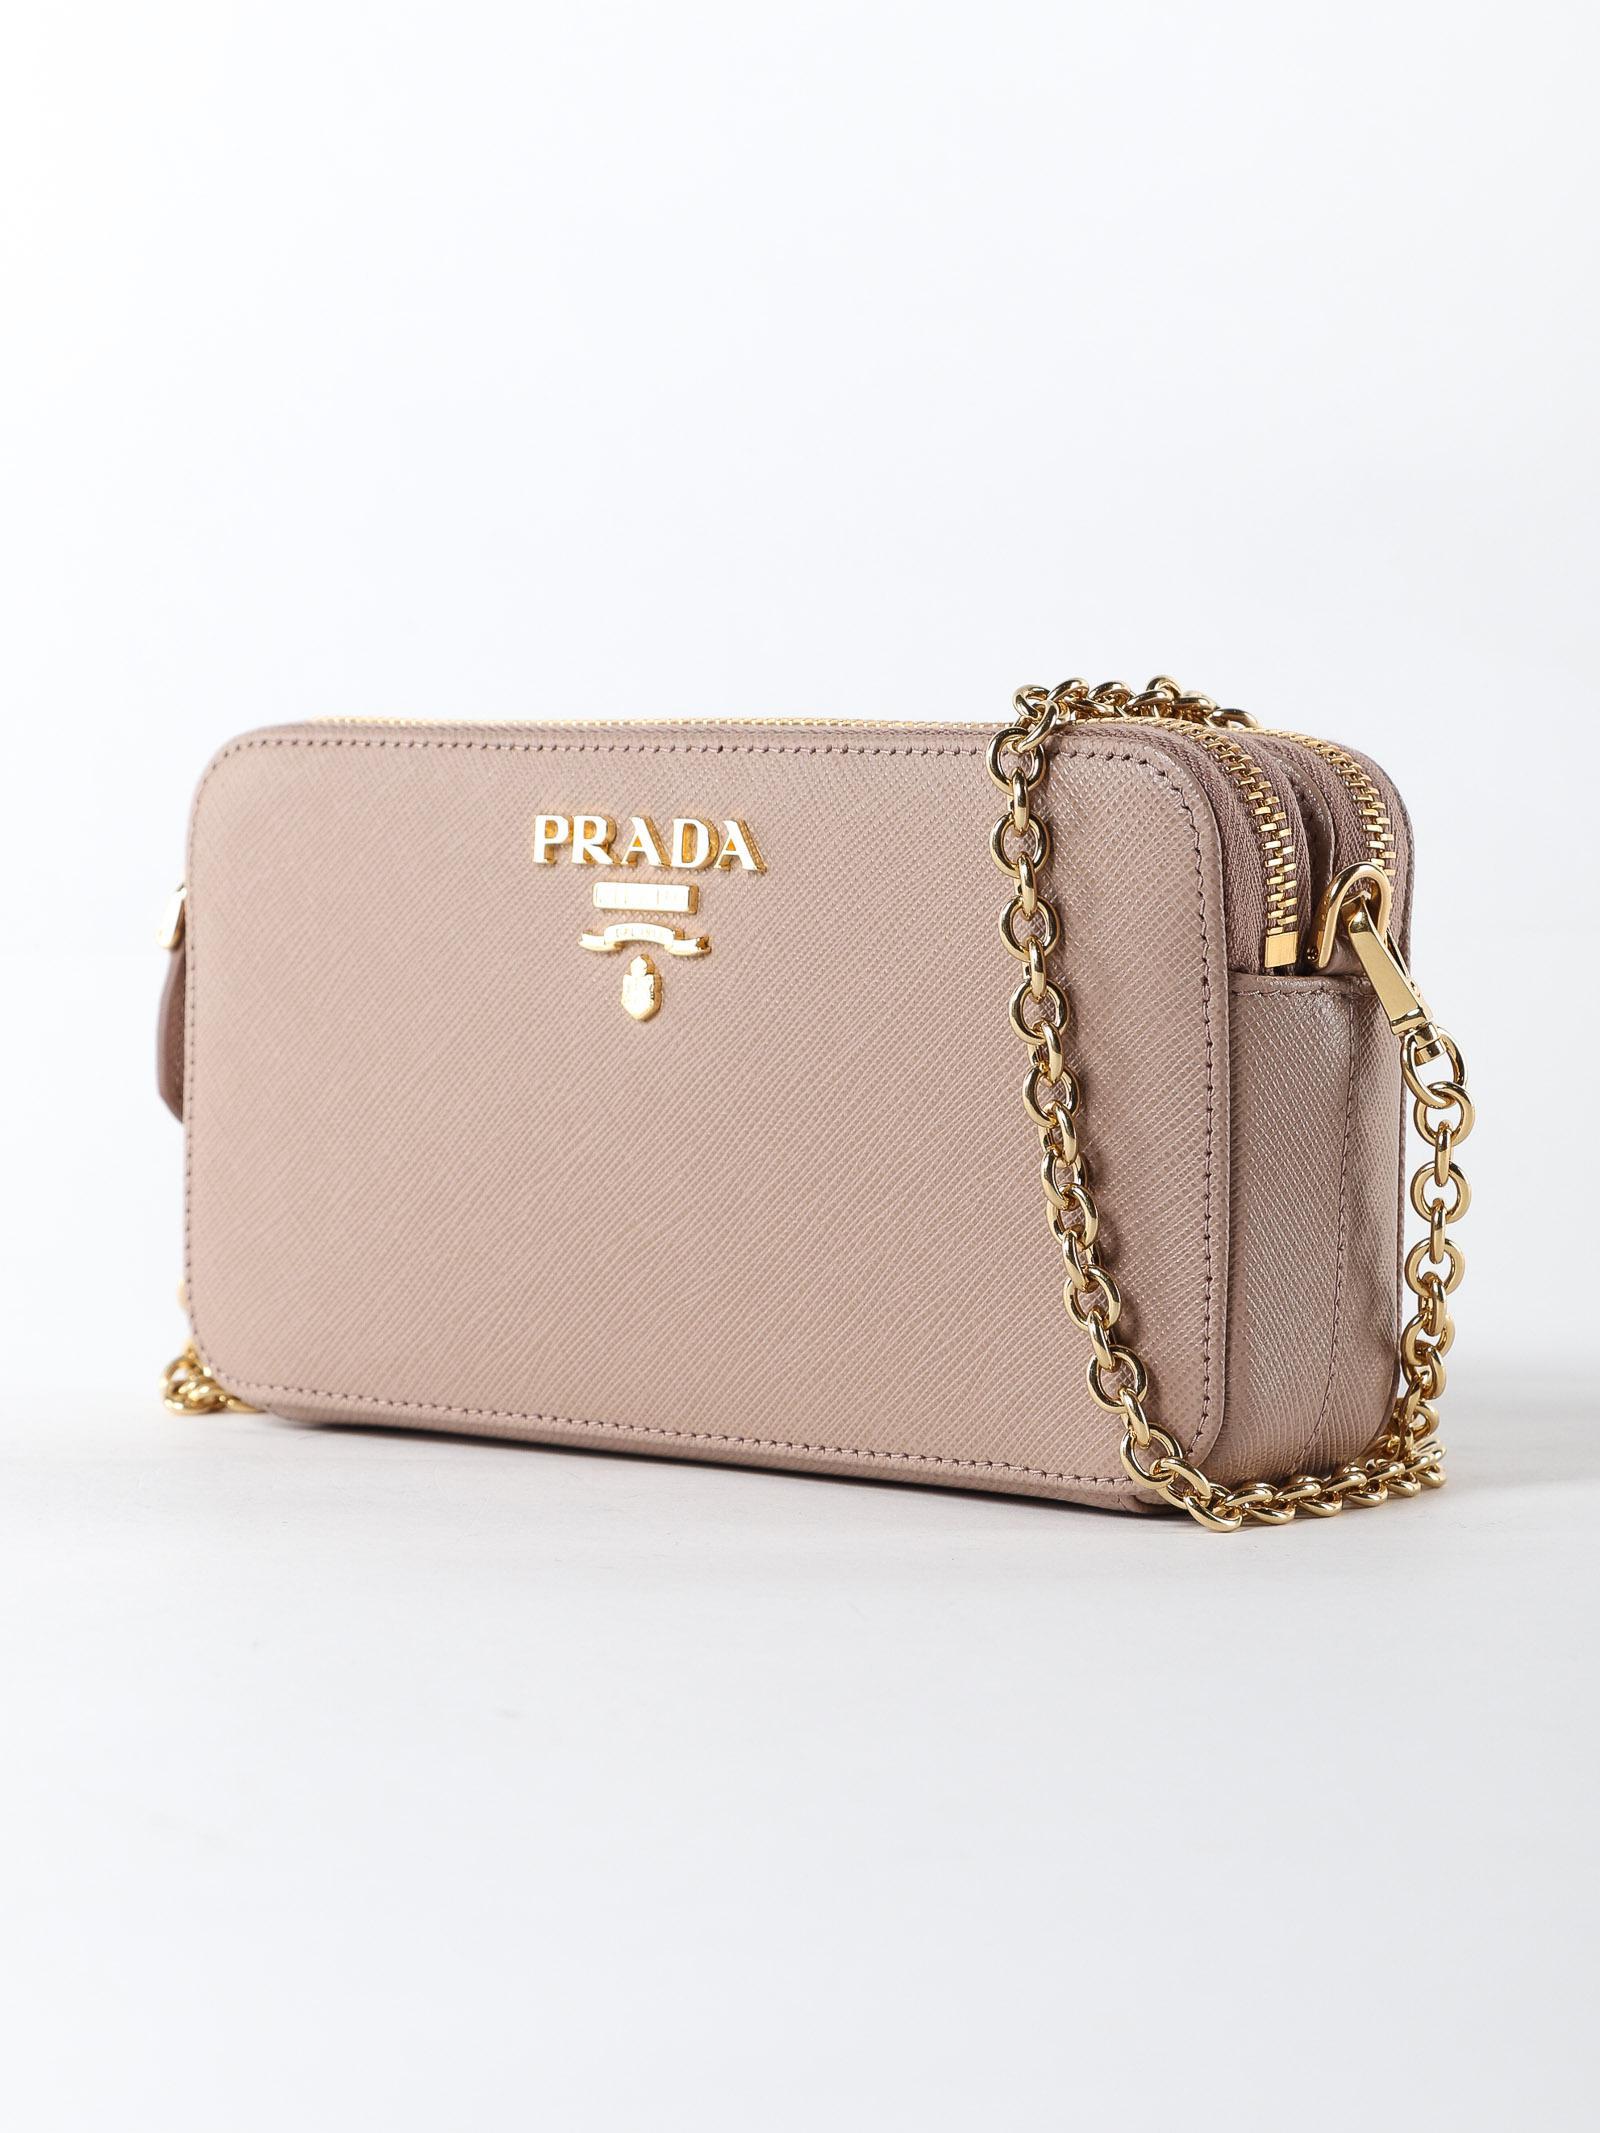 ... best price best price lyst prada mini bag saffiano 35a92 2c324 cb955  a3e77 df4b7ecd7e